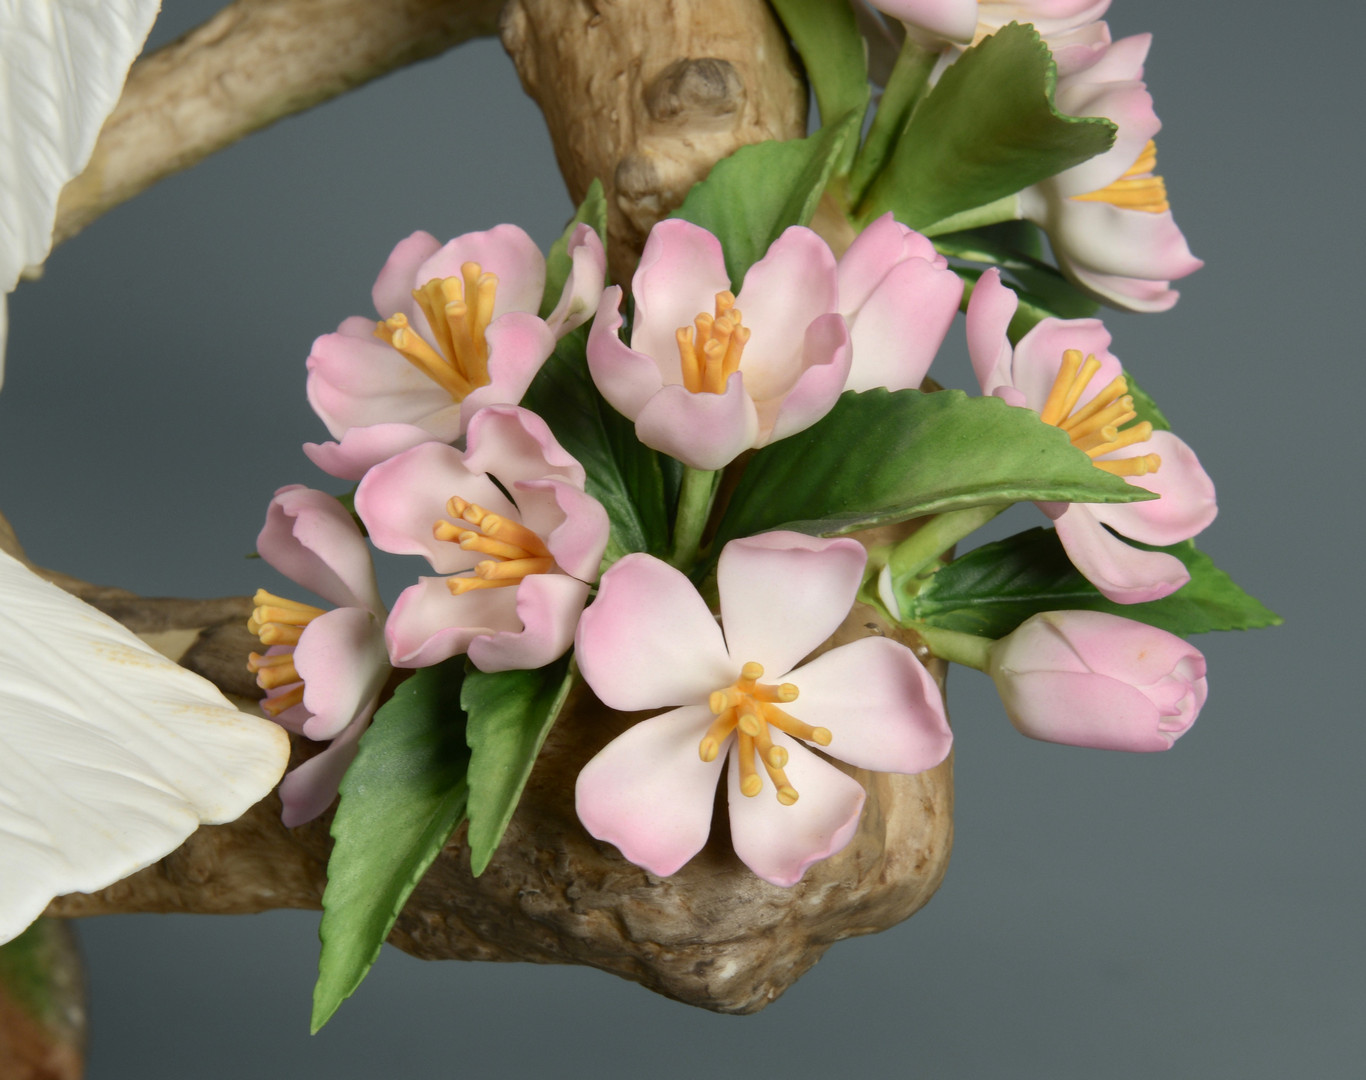 Lot 629: Boehm Doves w/ Apple Blossoms